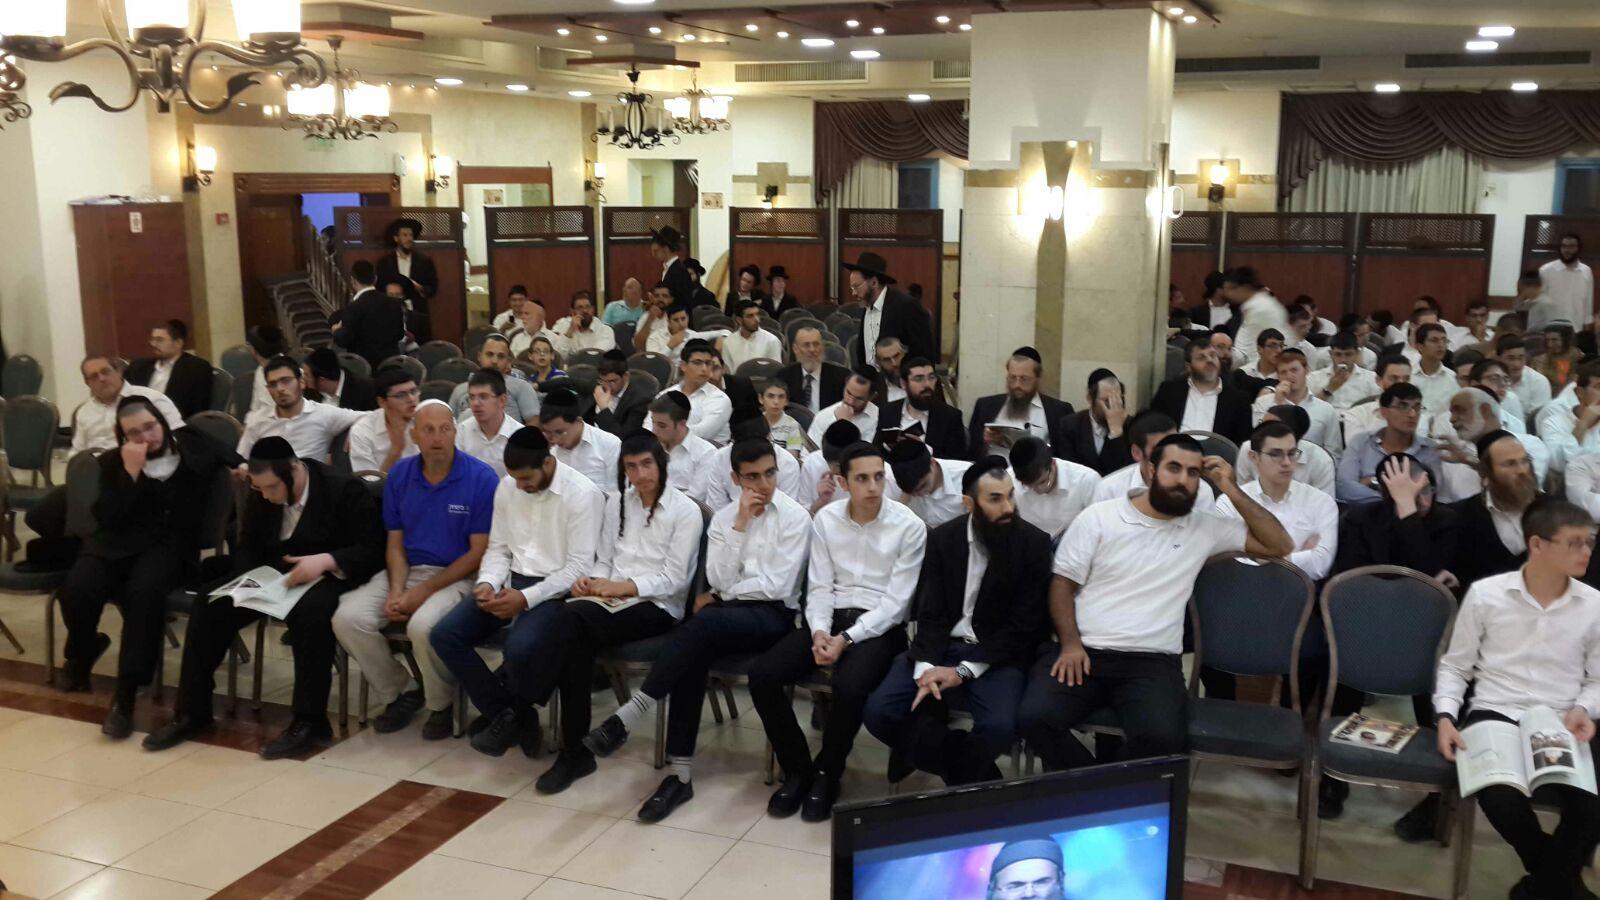 צפו: מהומות בכינוס של הרב אמנון יצחק